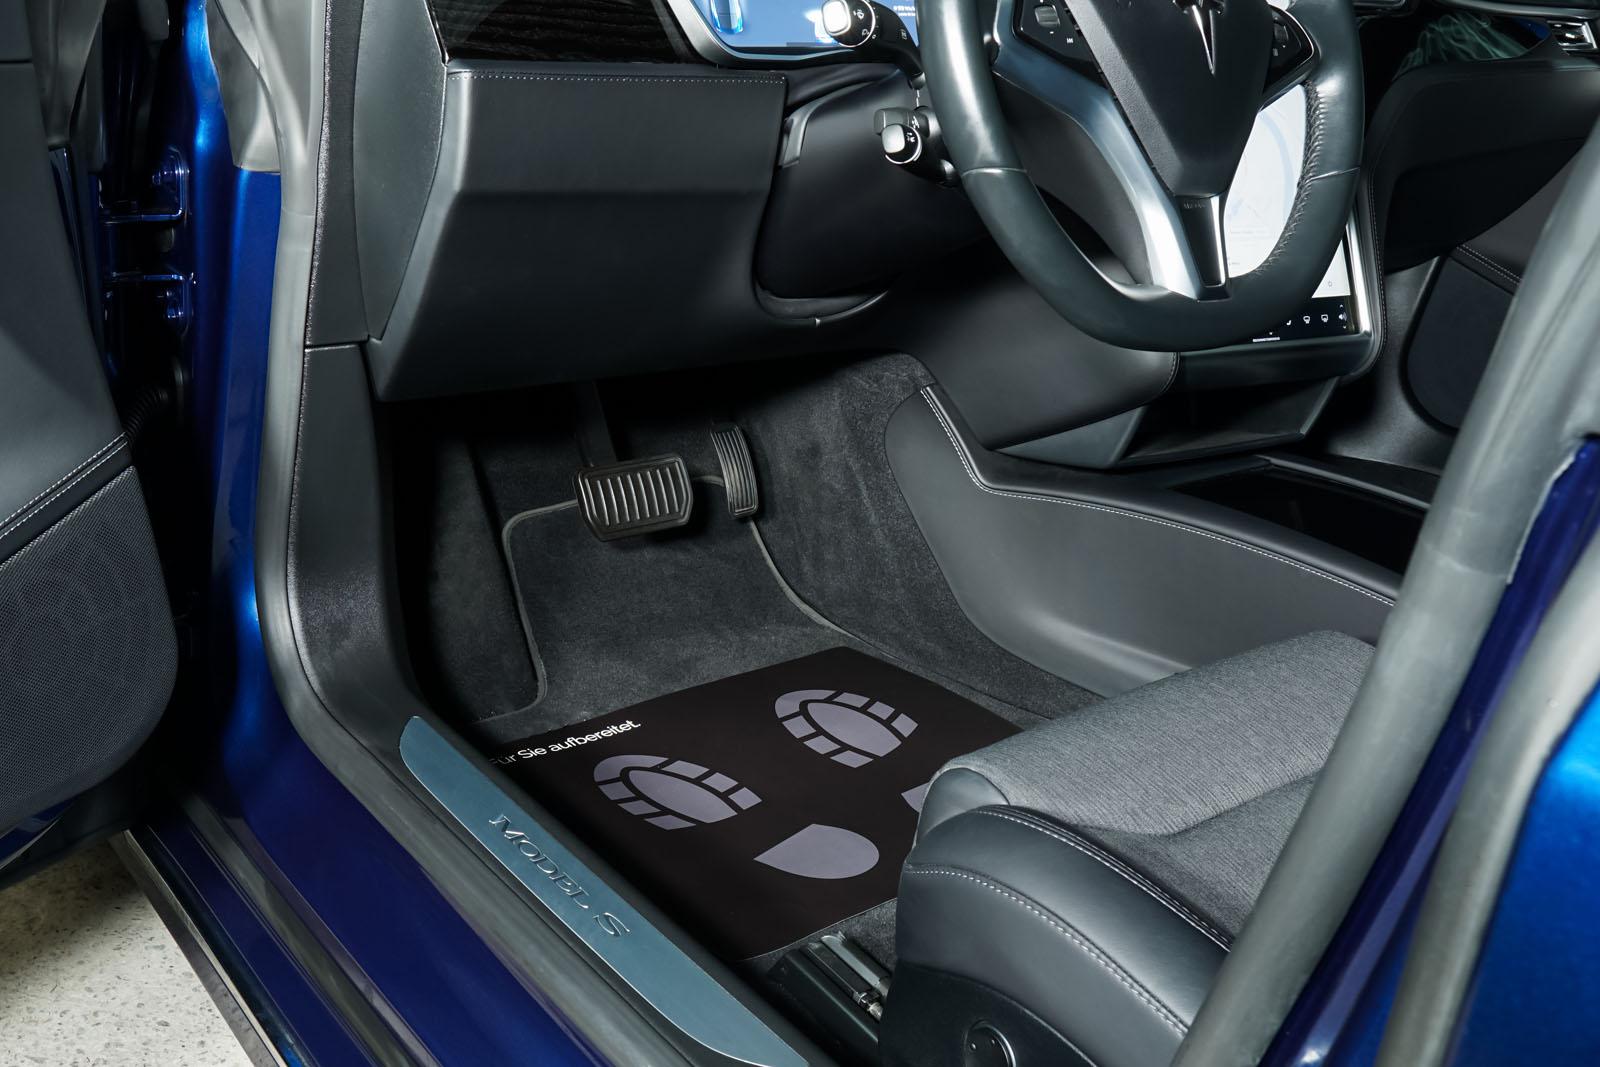 Tesla_ModelS_75RWD_Blau_Schwarz_TES-5563_7_w